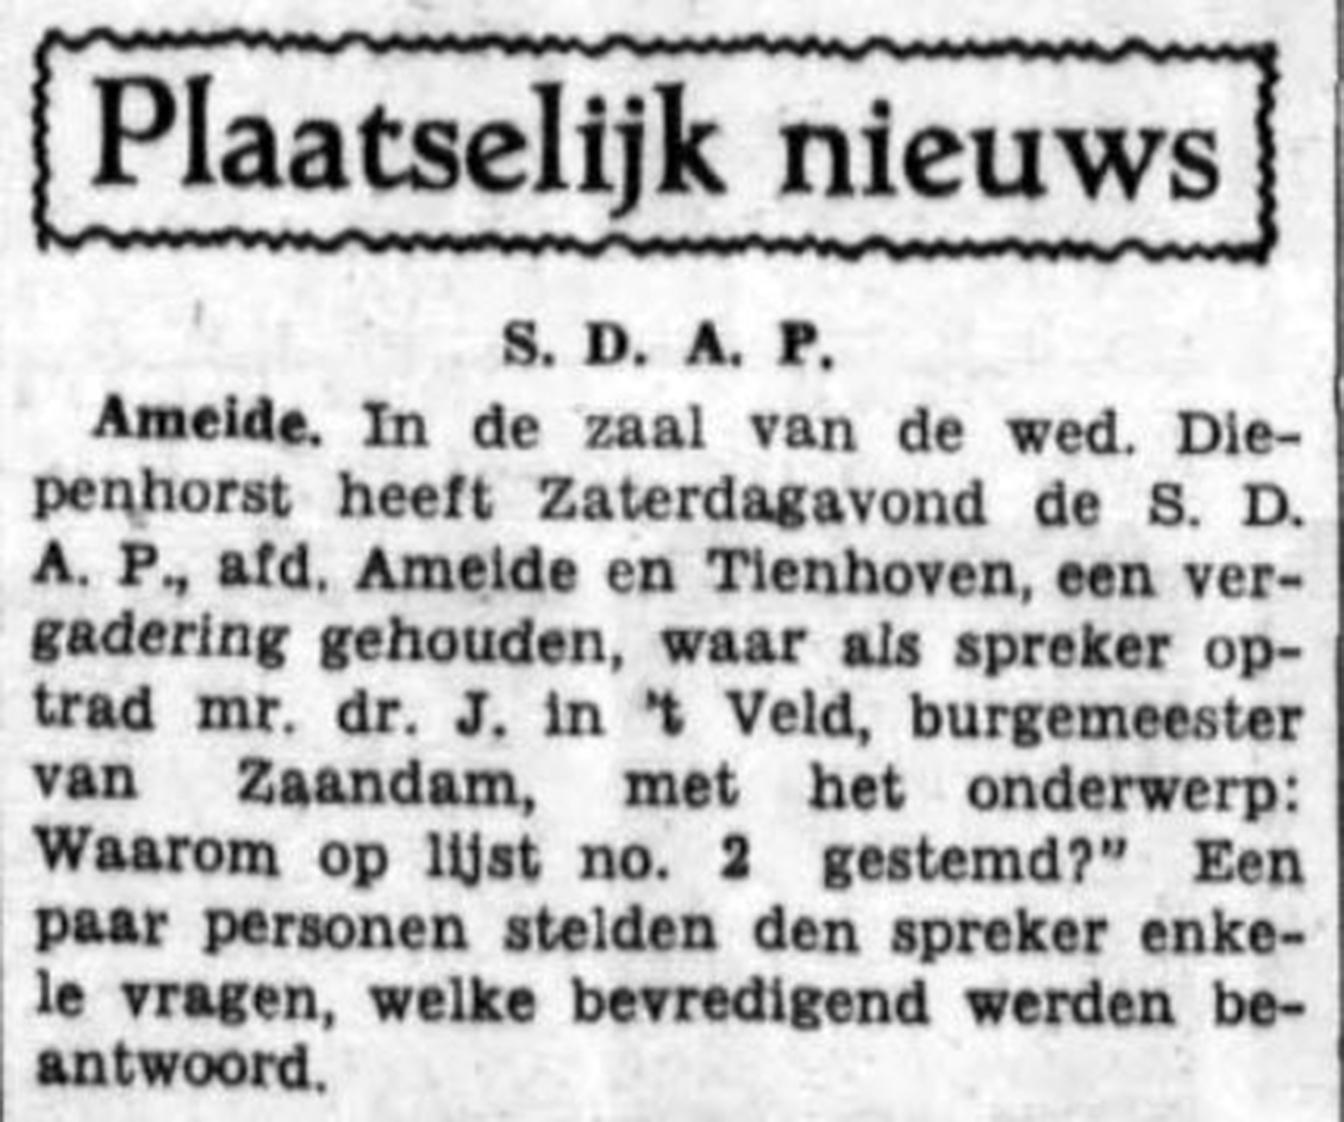 schoonhovensche-courant-07815-1937-05-28-artikel-02